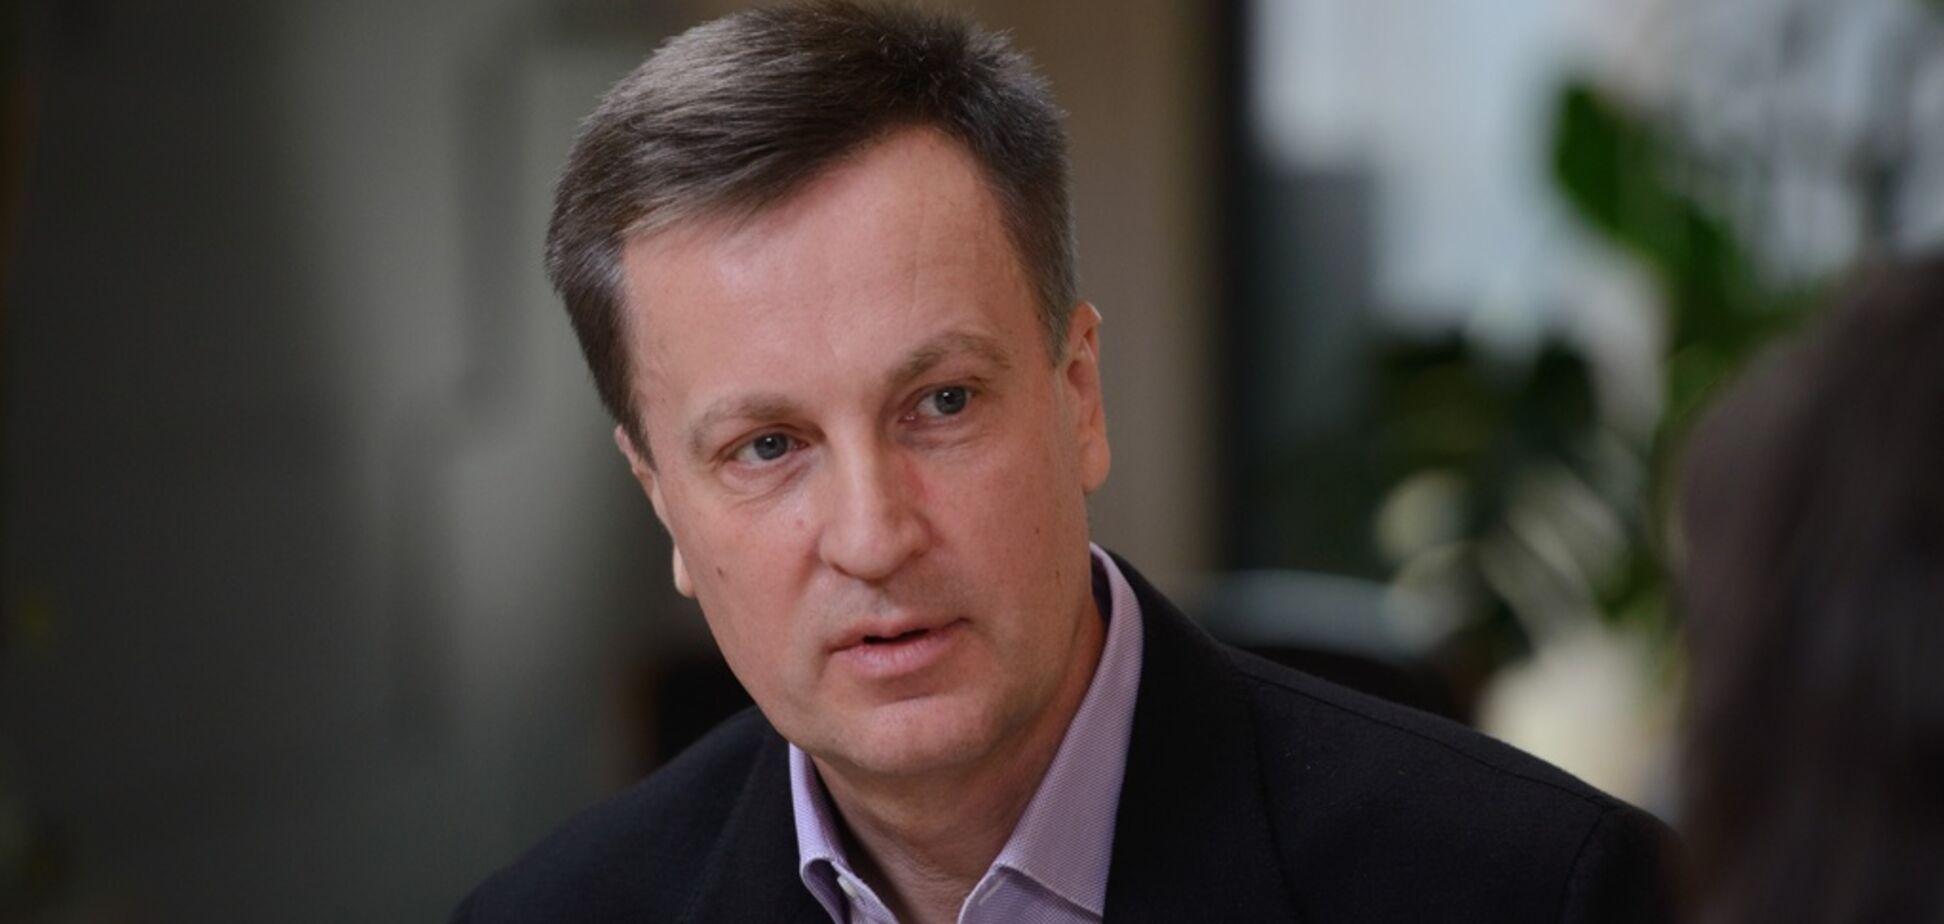 Наливайченко: Янукович должен сидеть или в Украине, или в международной тюрьме